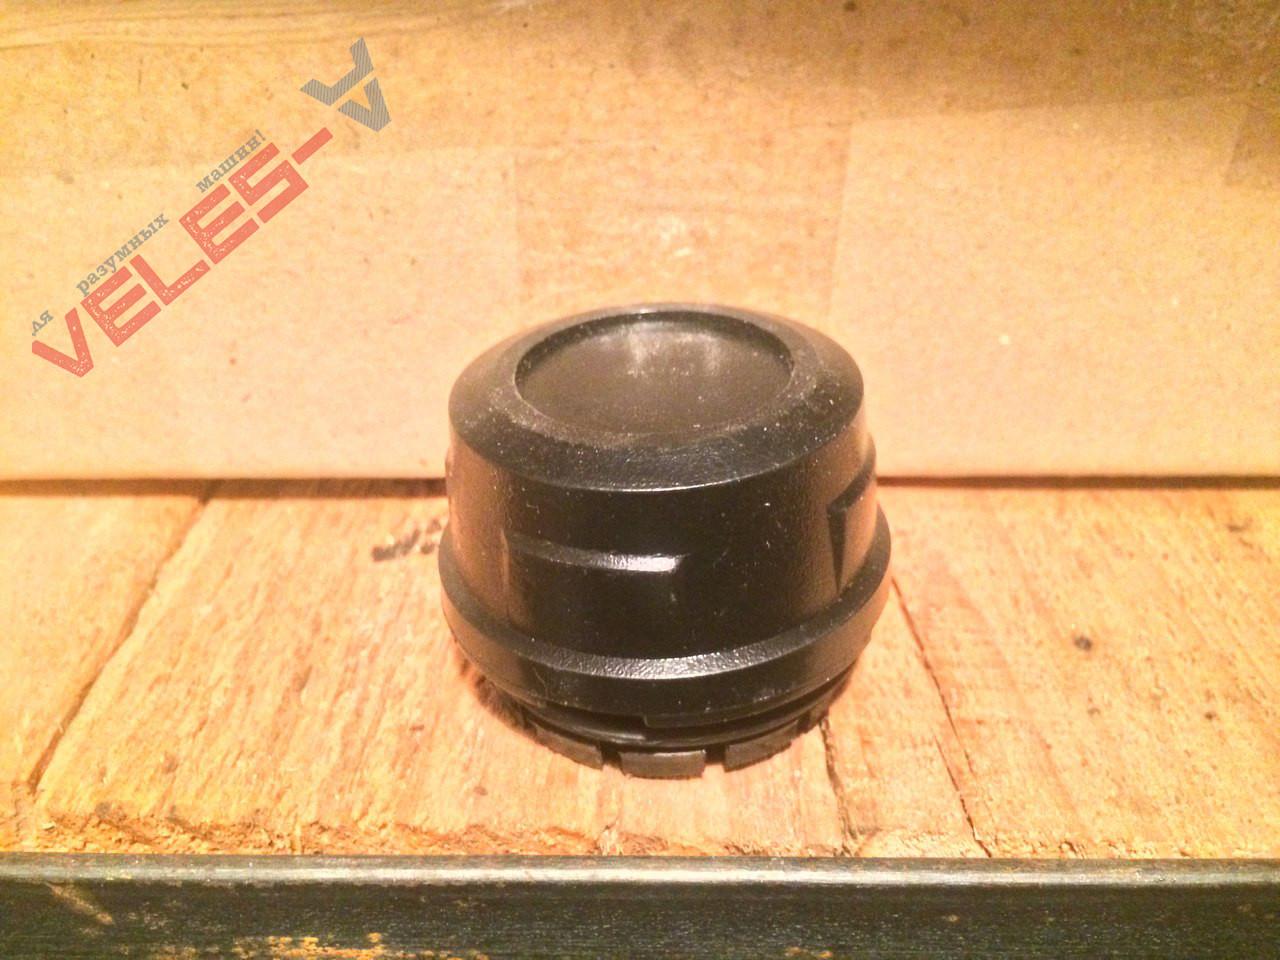 Ковпак ступиці Ваз 2108, 2109, 21099, 2113, 2114, 2115 чорний (пластик)